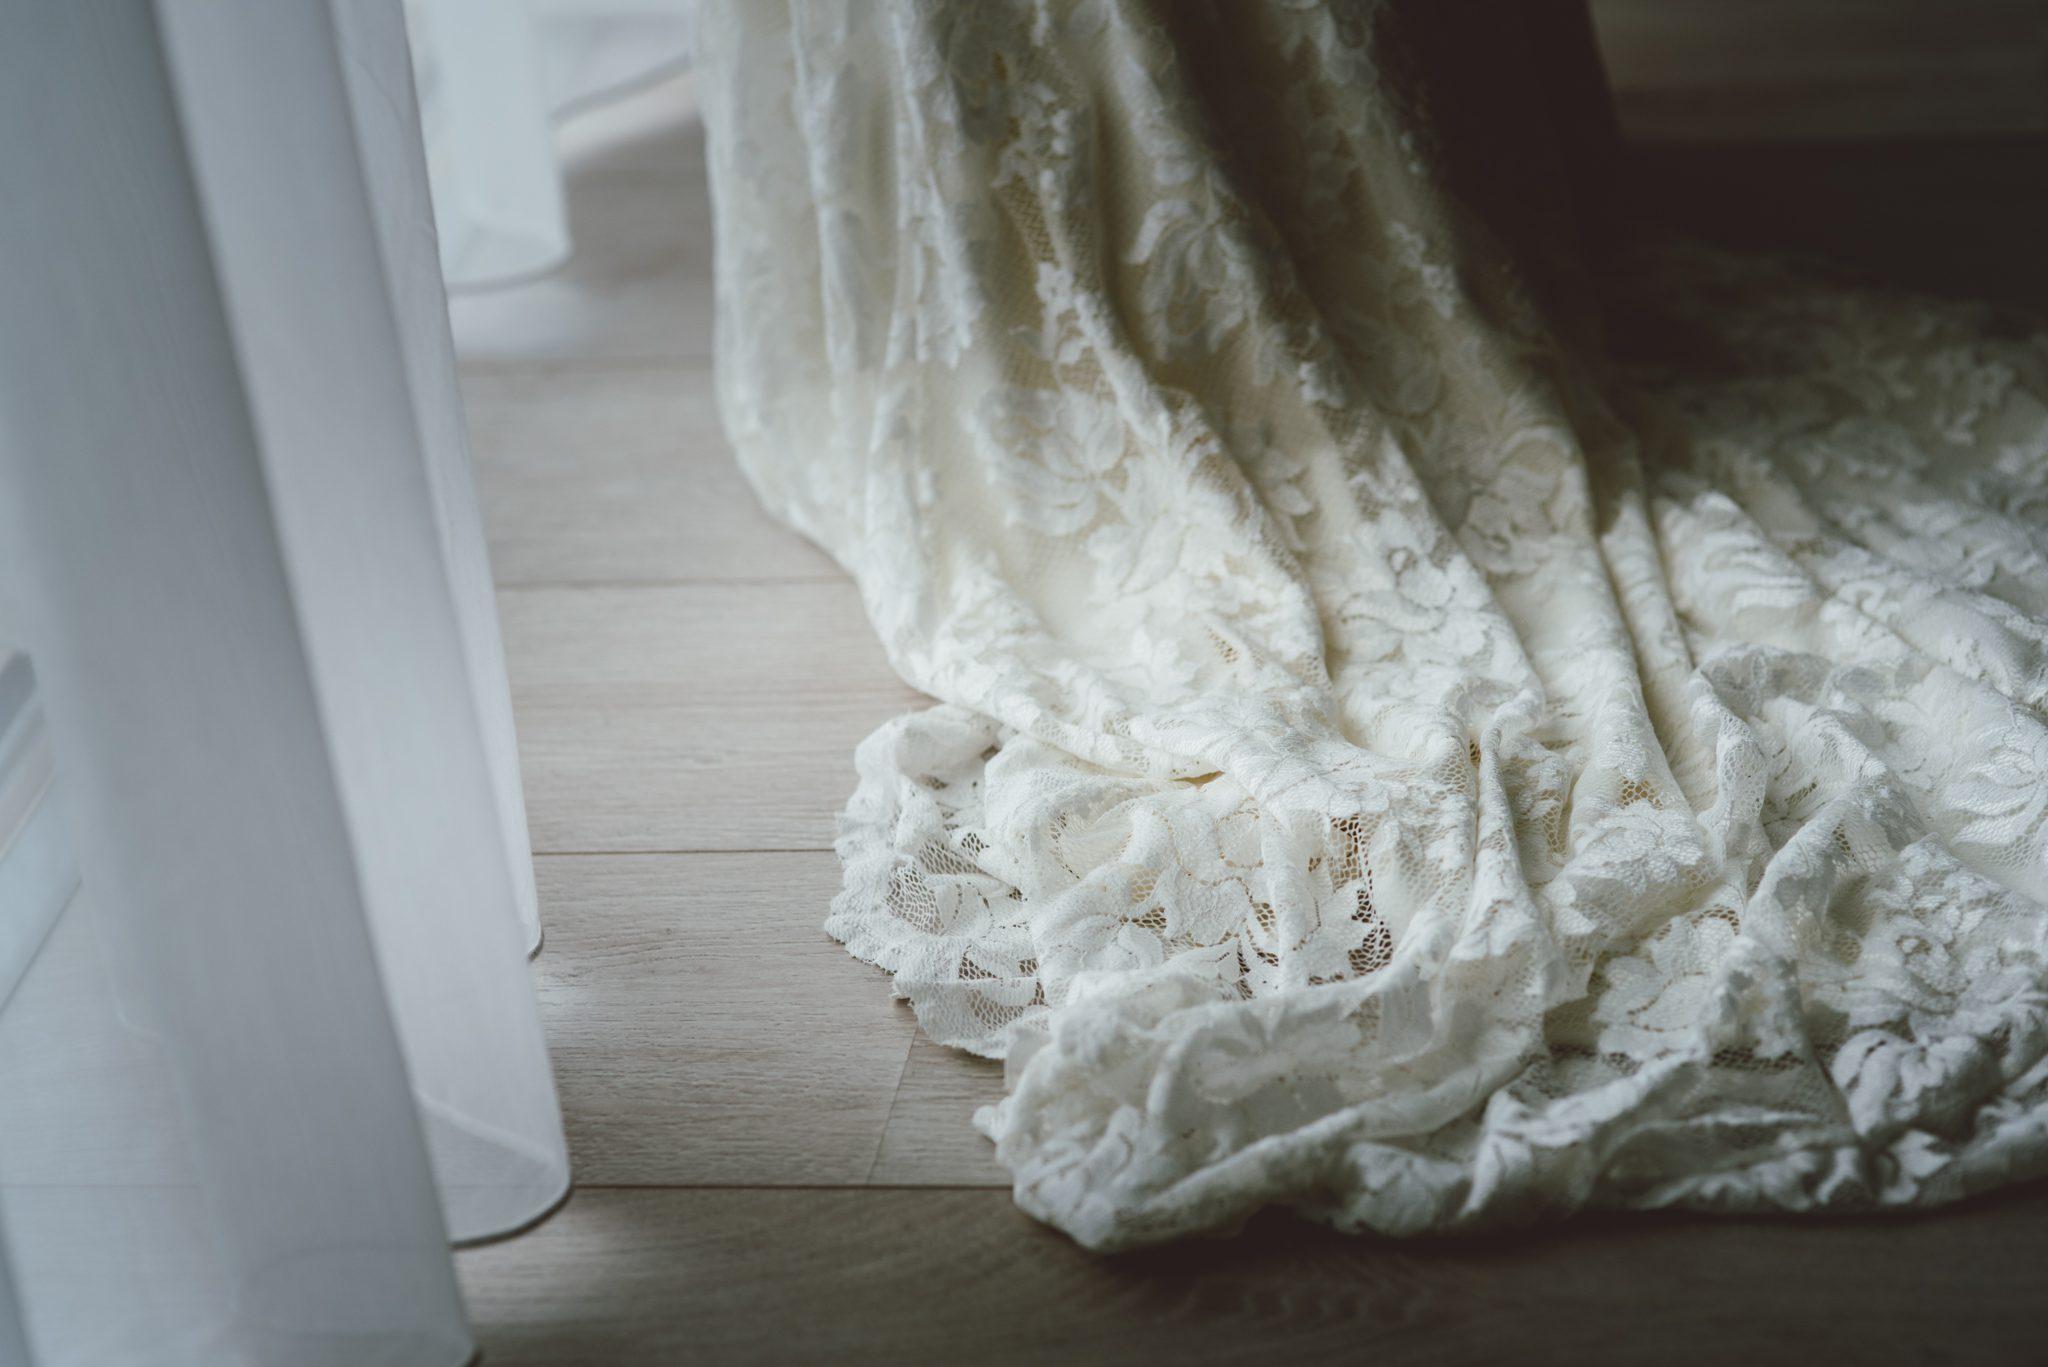 fotografo matrimonio monza brianza milano wedding reportage fine art max allegritti lago di como garda maggiore napoli